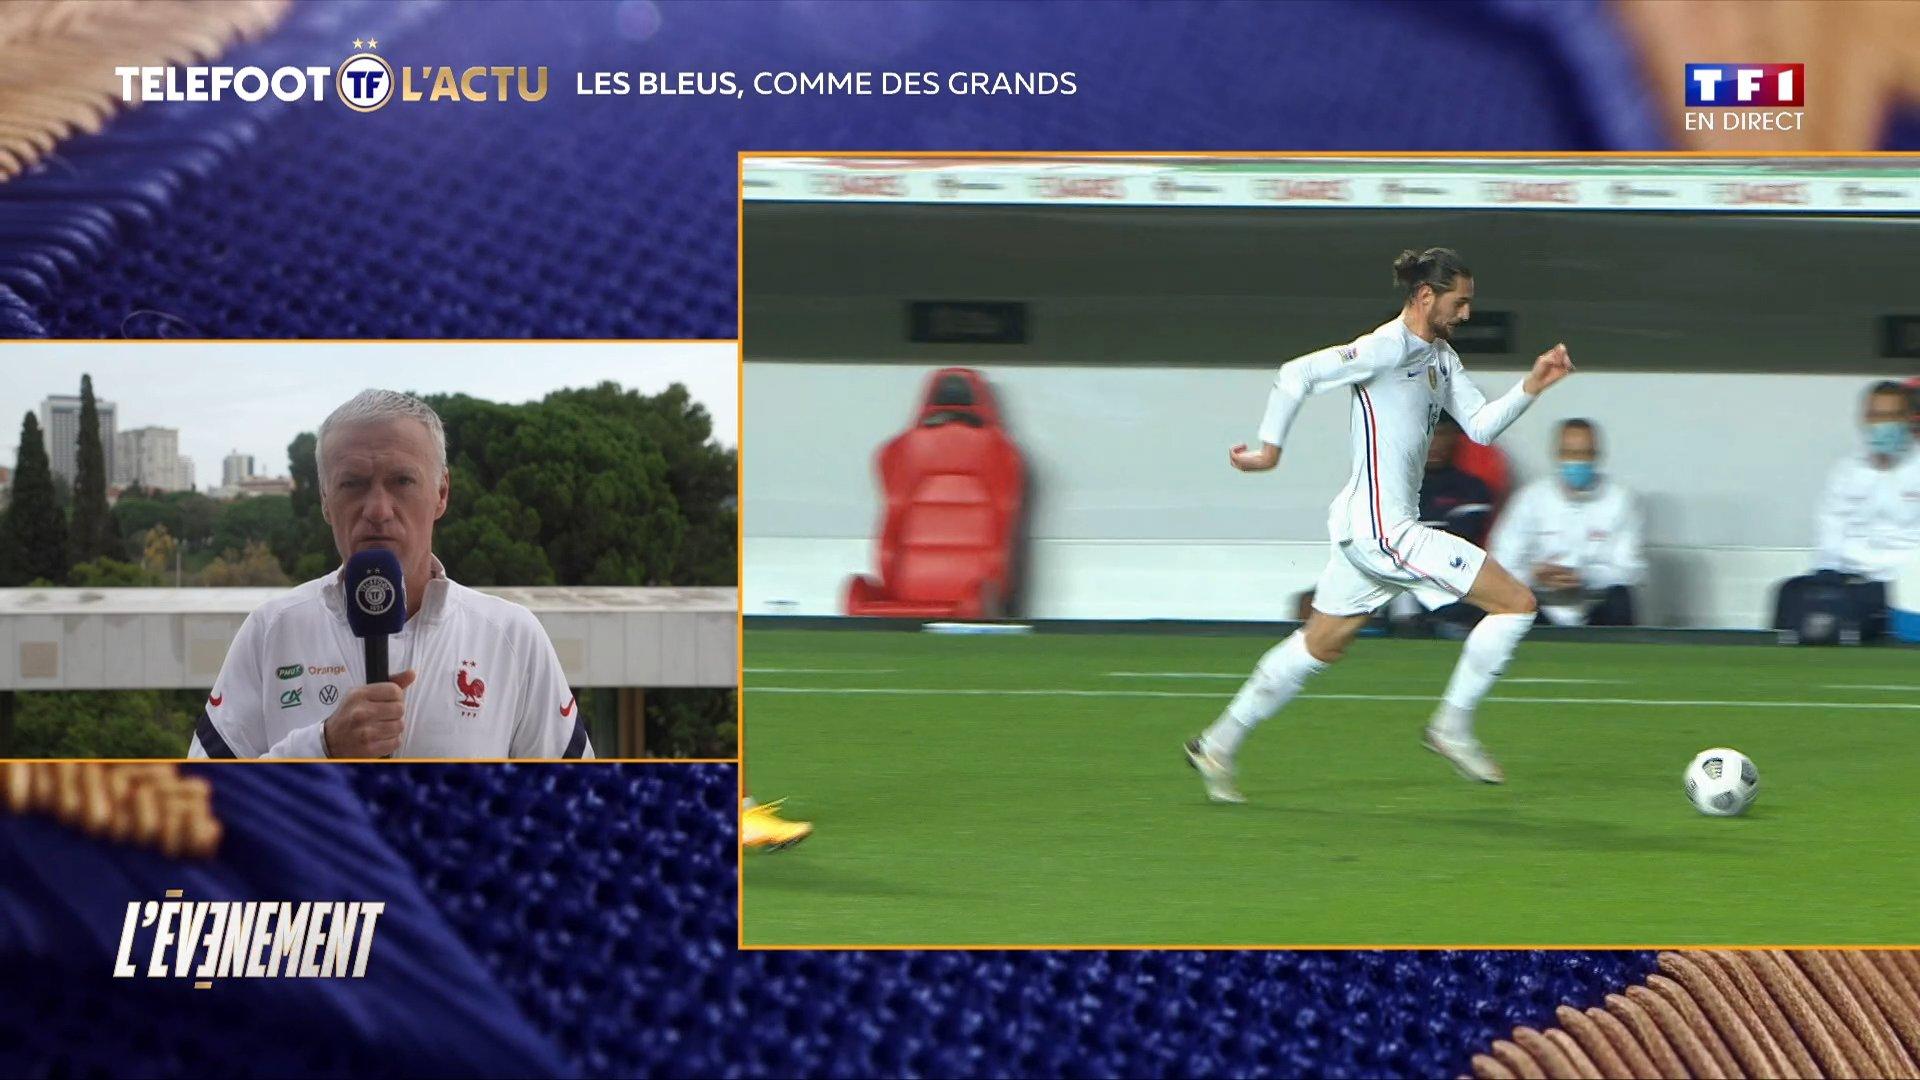 德尚:马夏尔配得上进球,拉比奥等球员能进欧洲杯名单